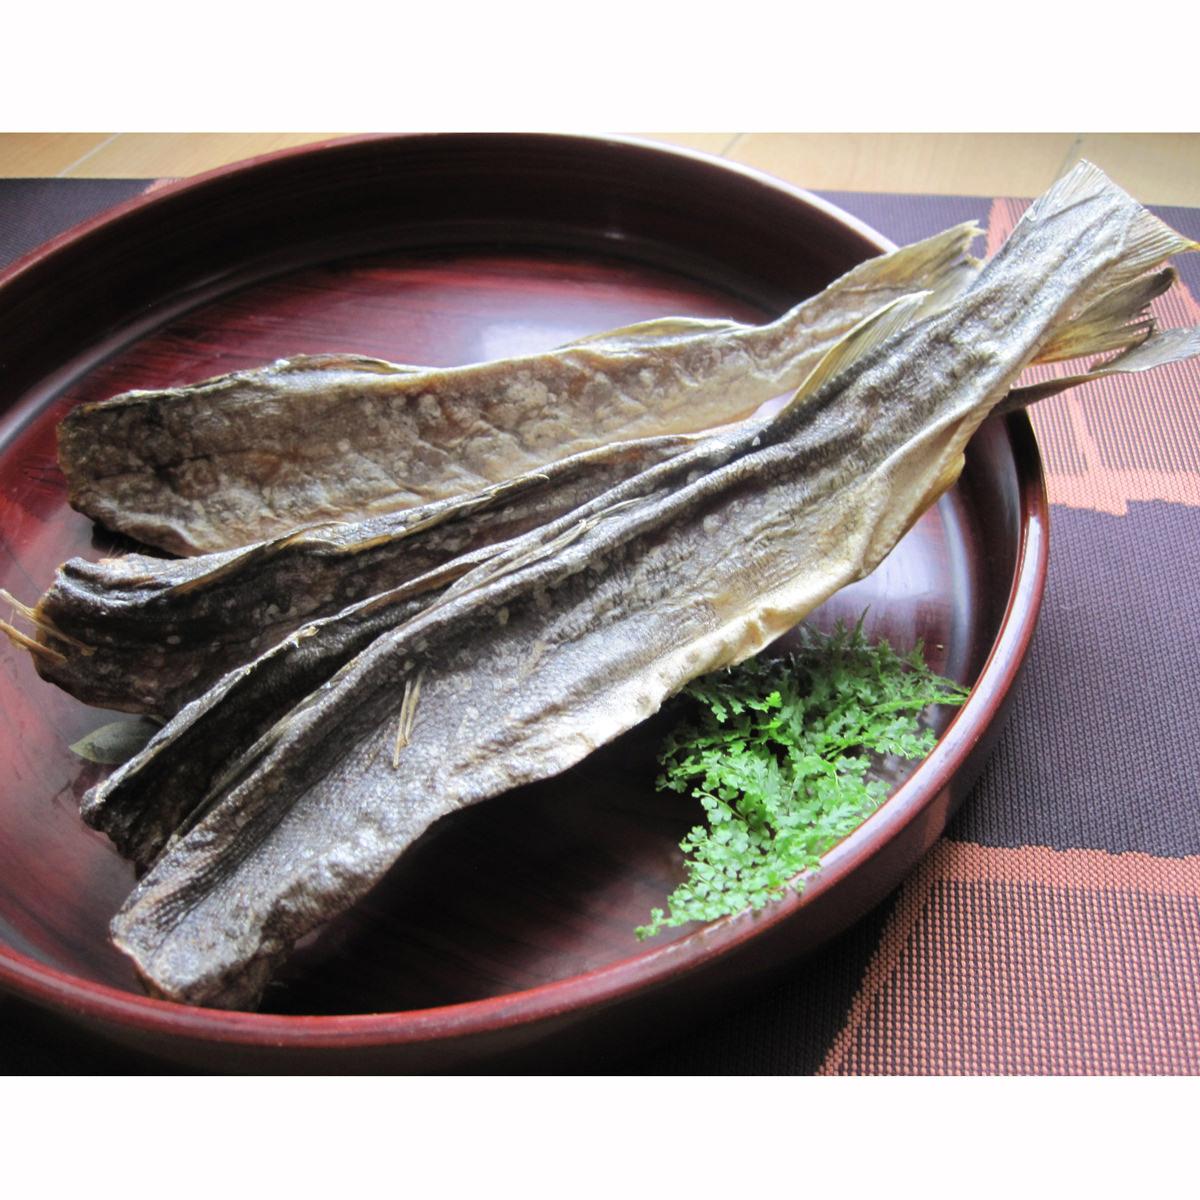 氷下魚 2個入り 〔180g×2〕 北海道土産 こまい 珍味 江戸屋